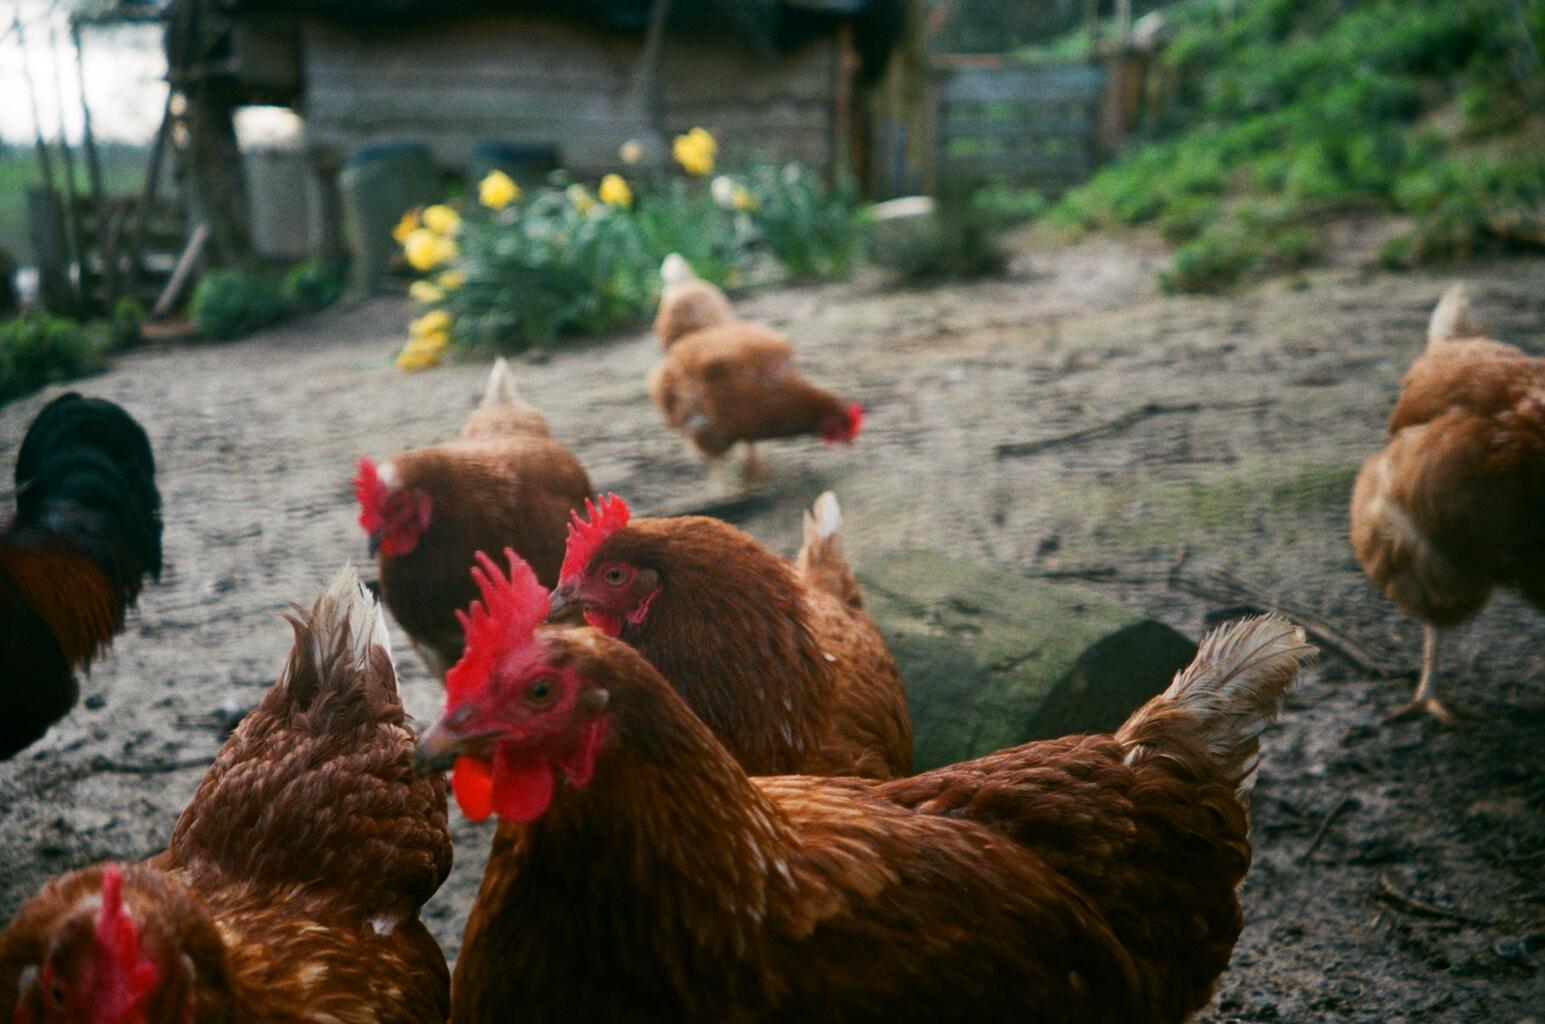 chickens .JPG